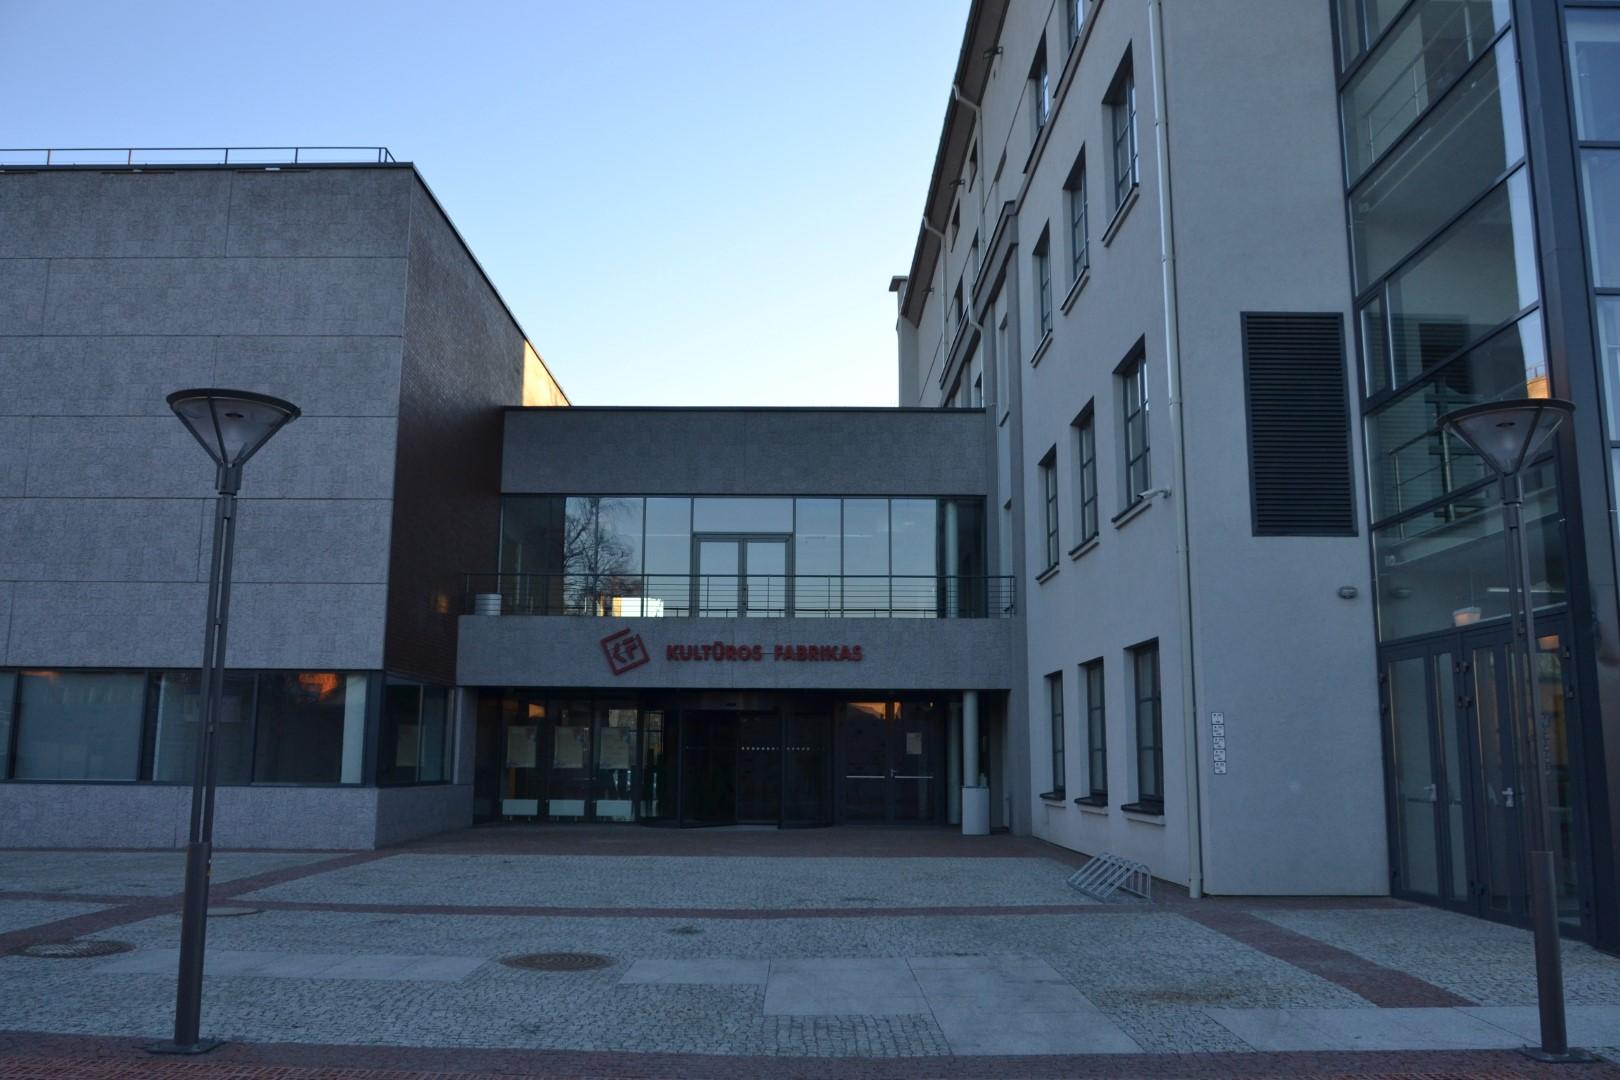 Kulturos_fabrikas_6